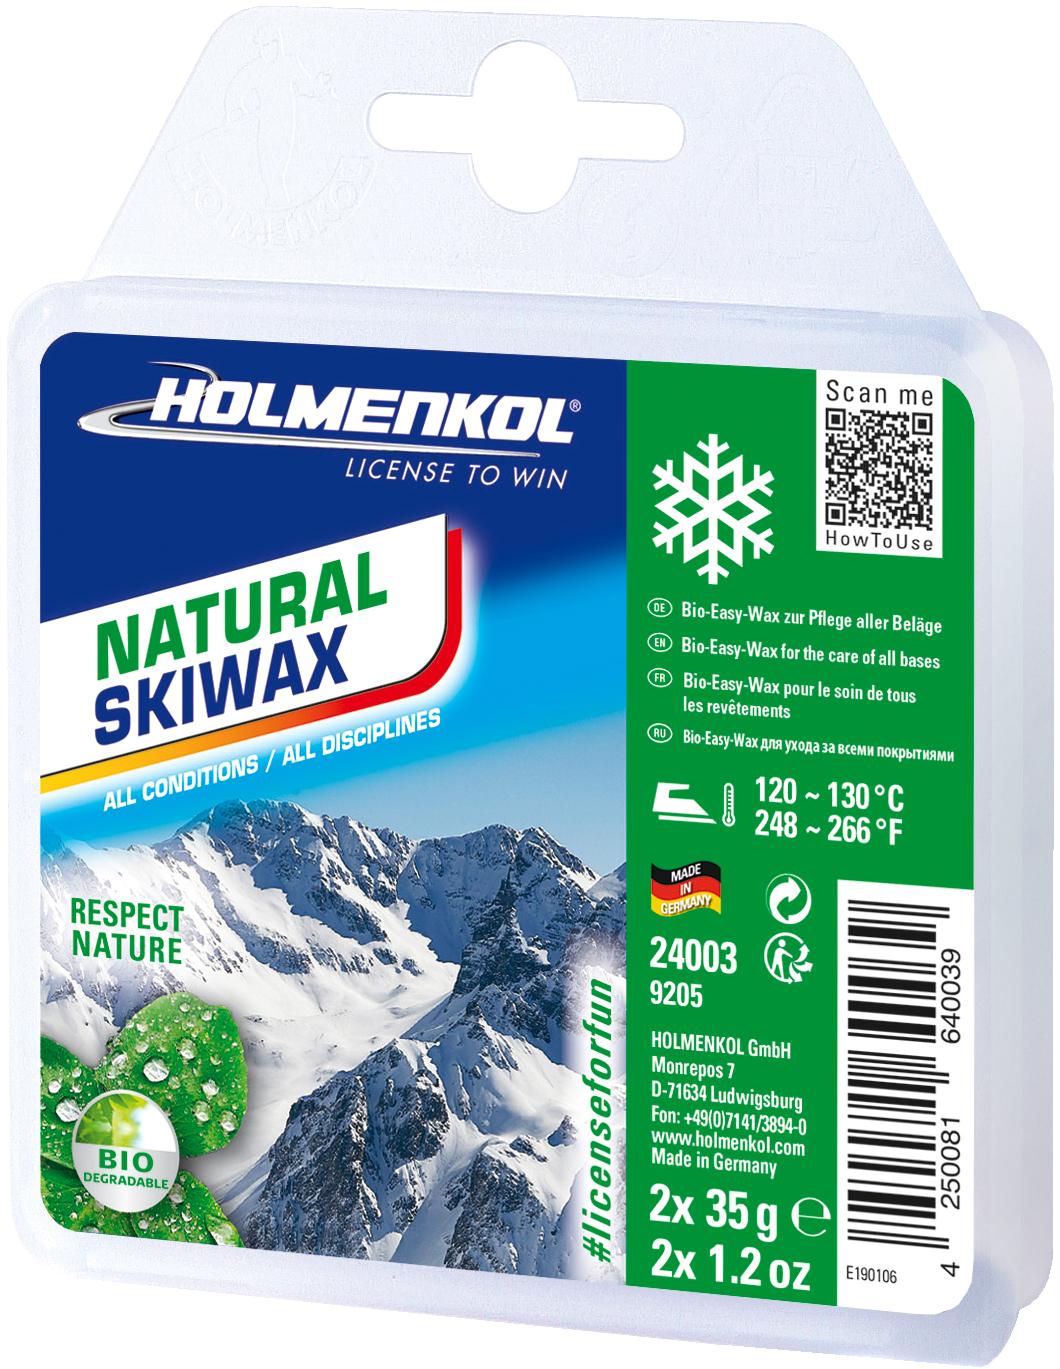 Holmenkol Мазь скольжения твердая для лыж и сноубордов HOLMENKOL